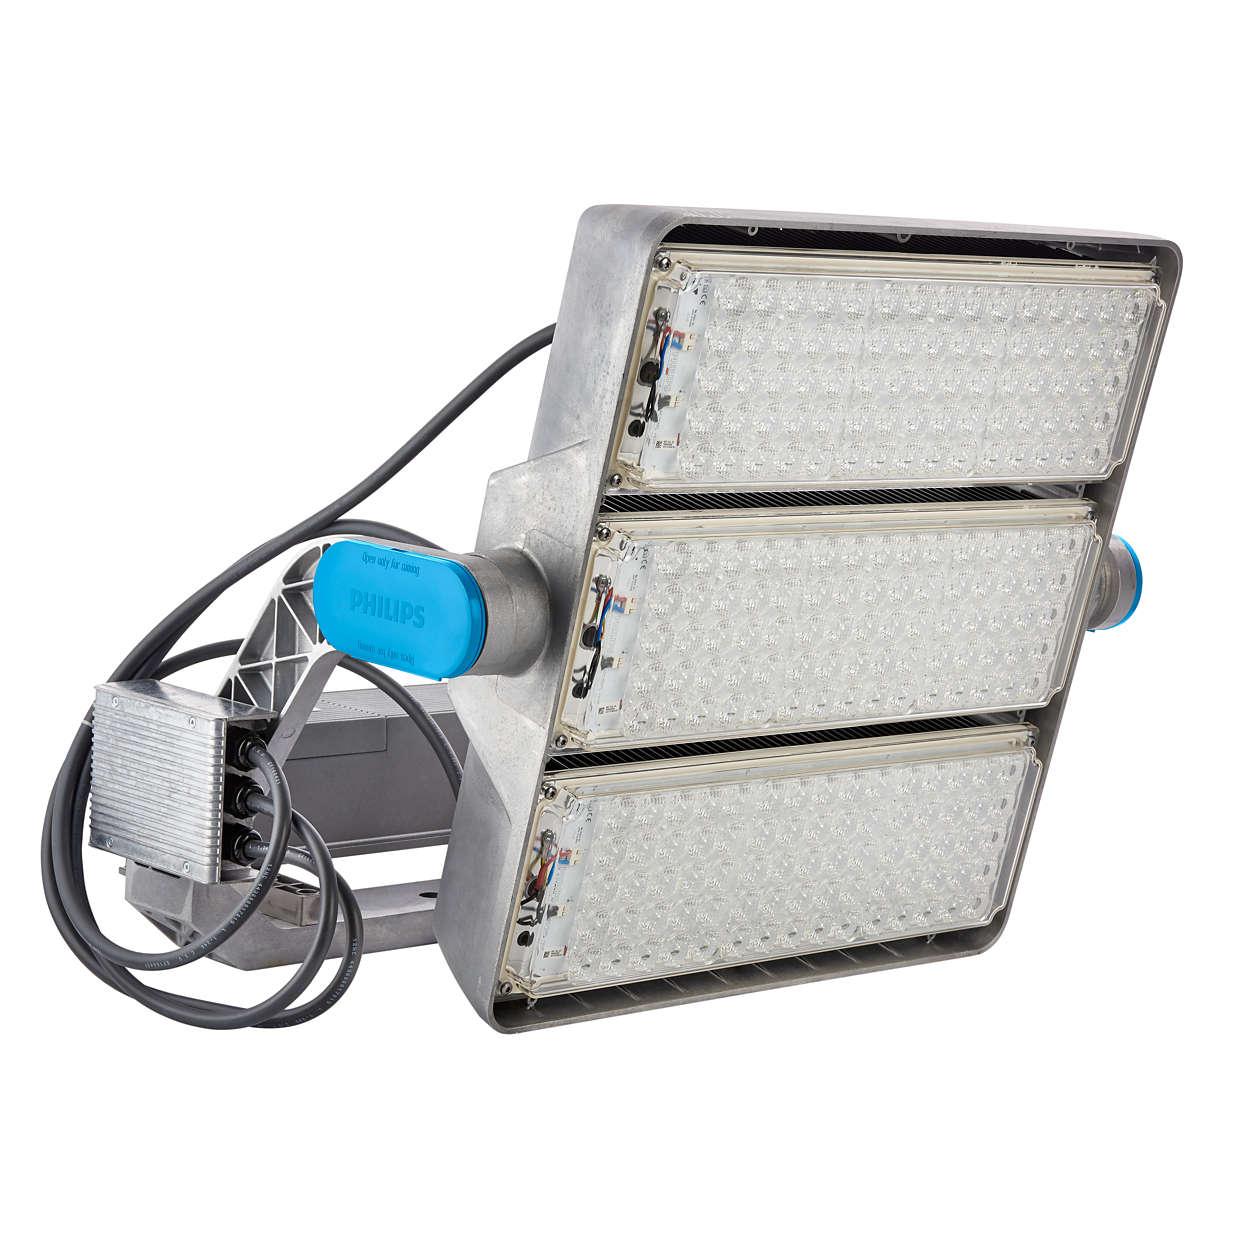 ArenaVision LED gen2 – une expérience inédite au sein des enceintes sportives